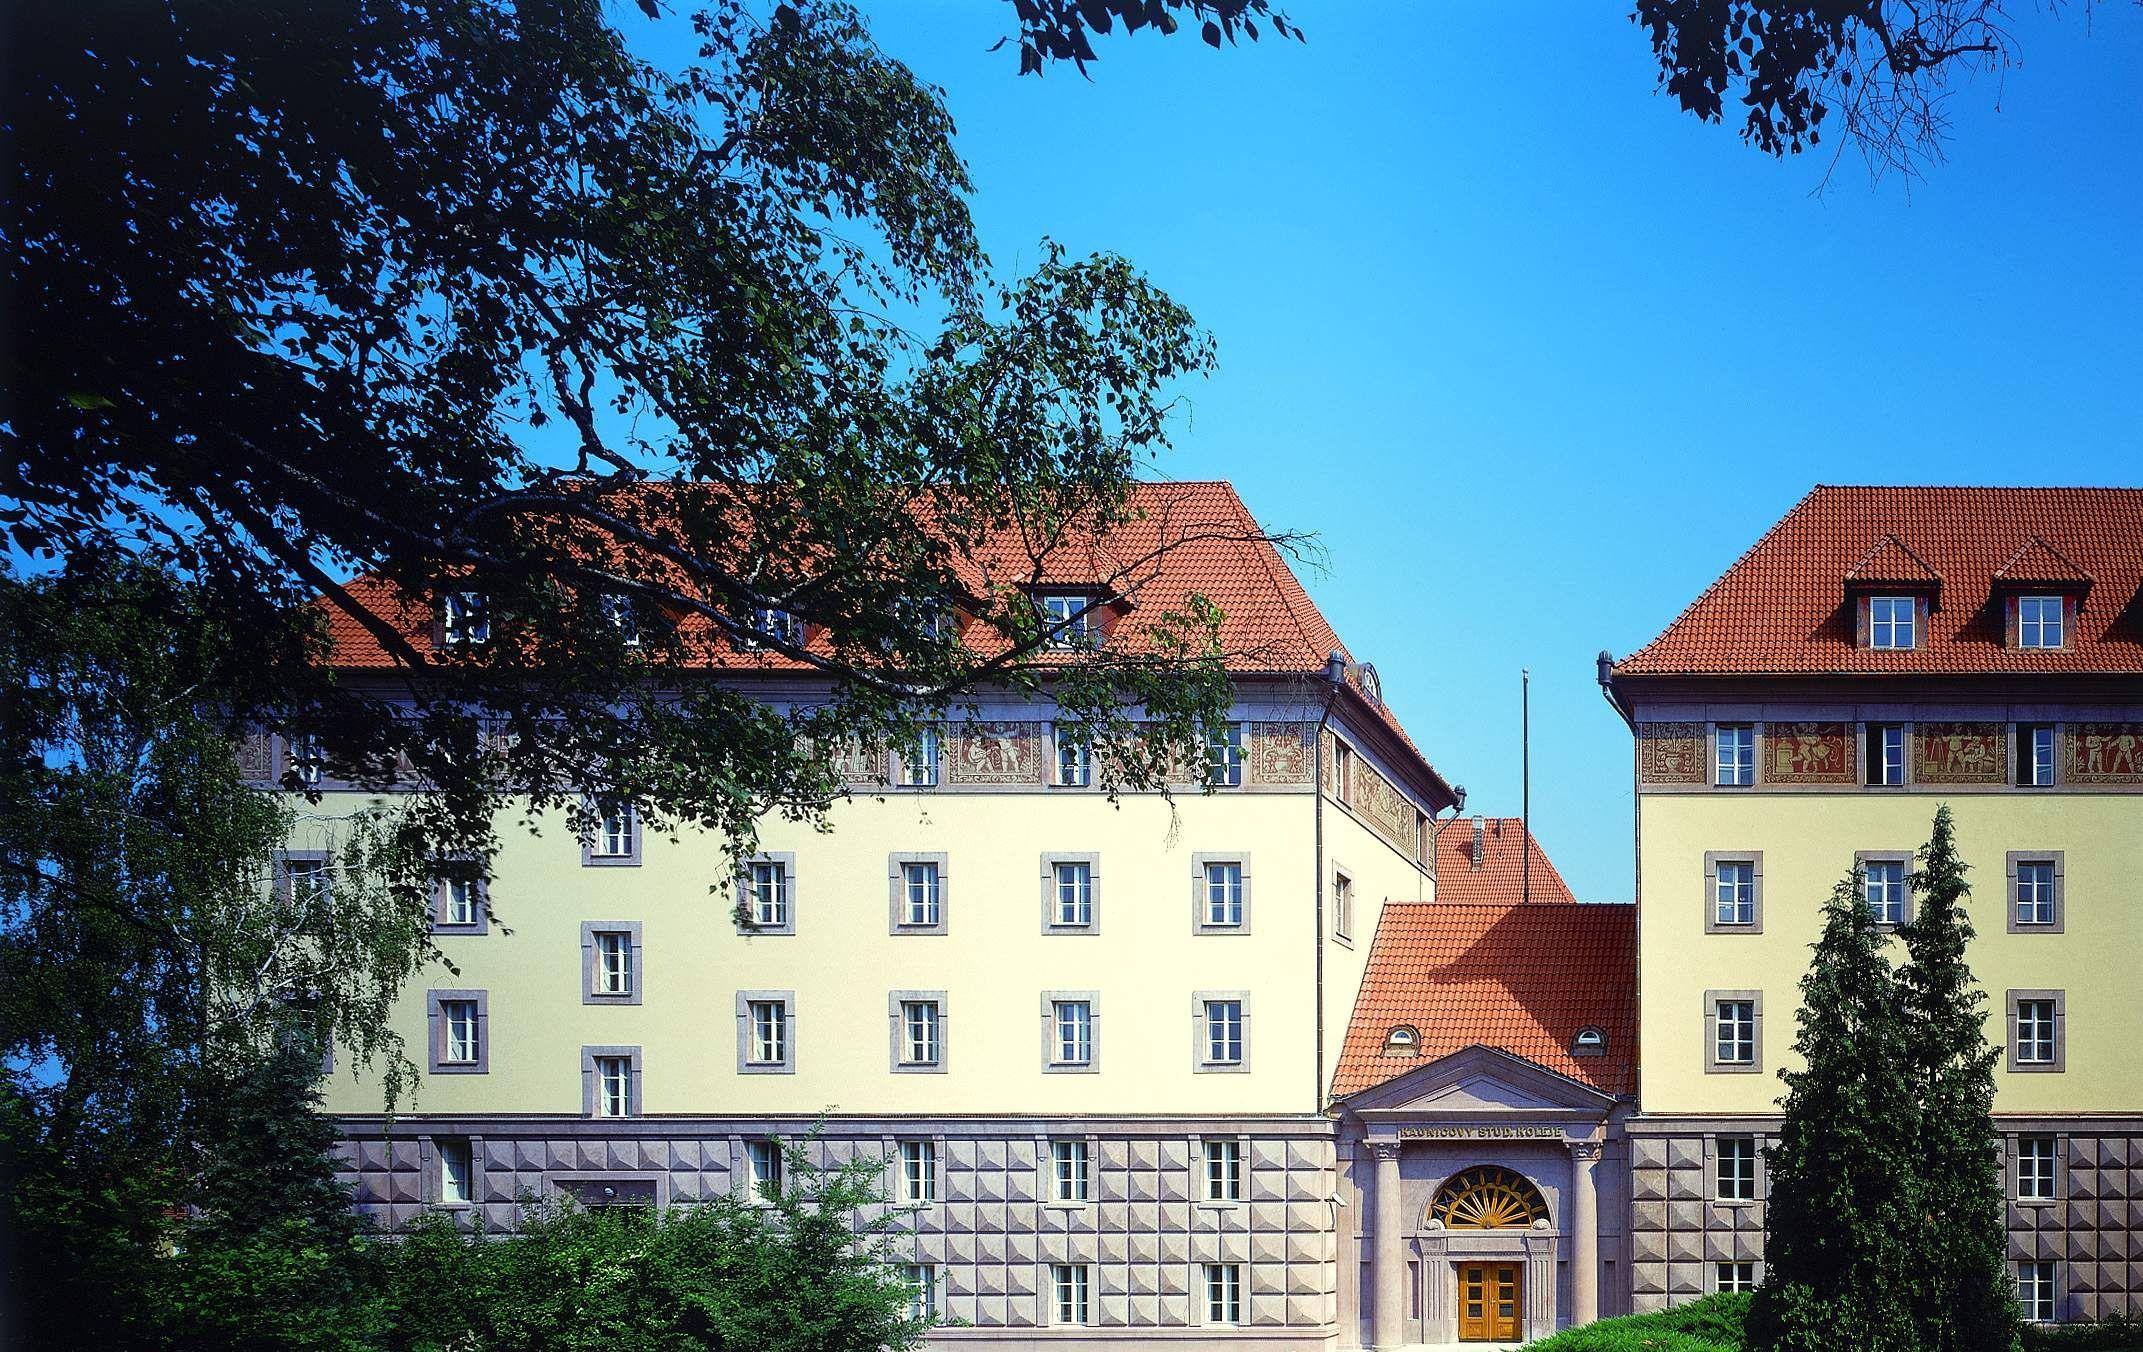 Národní kulturní památka Kounicovy studentské koleje